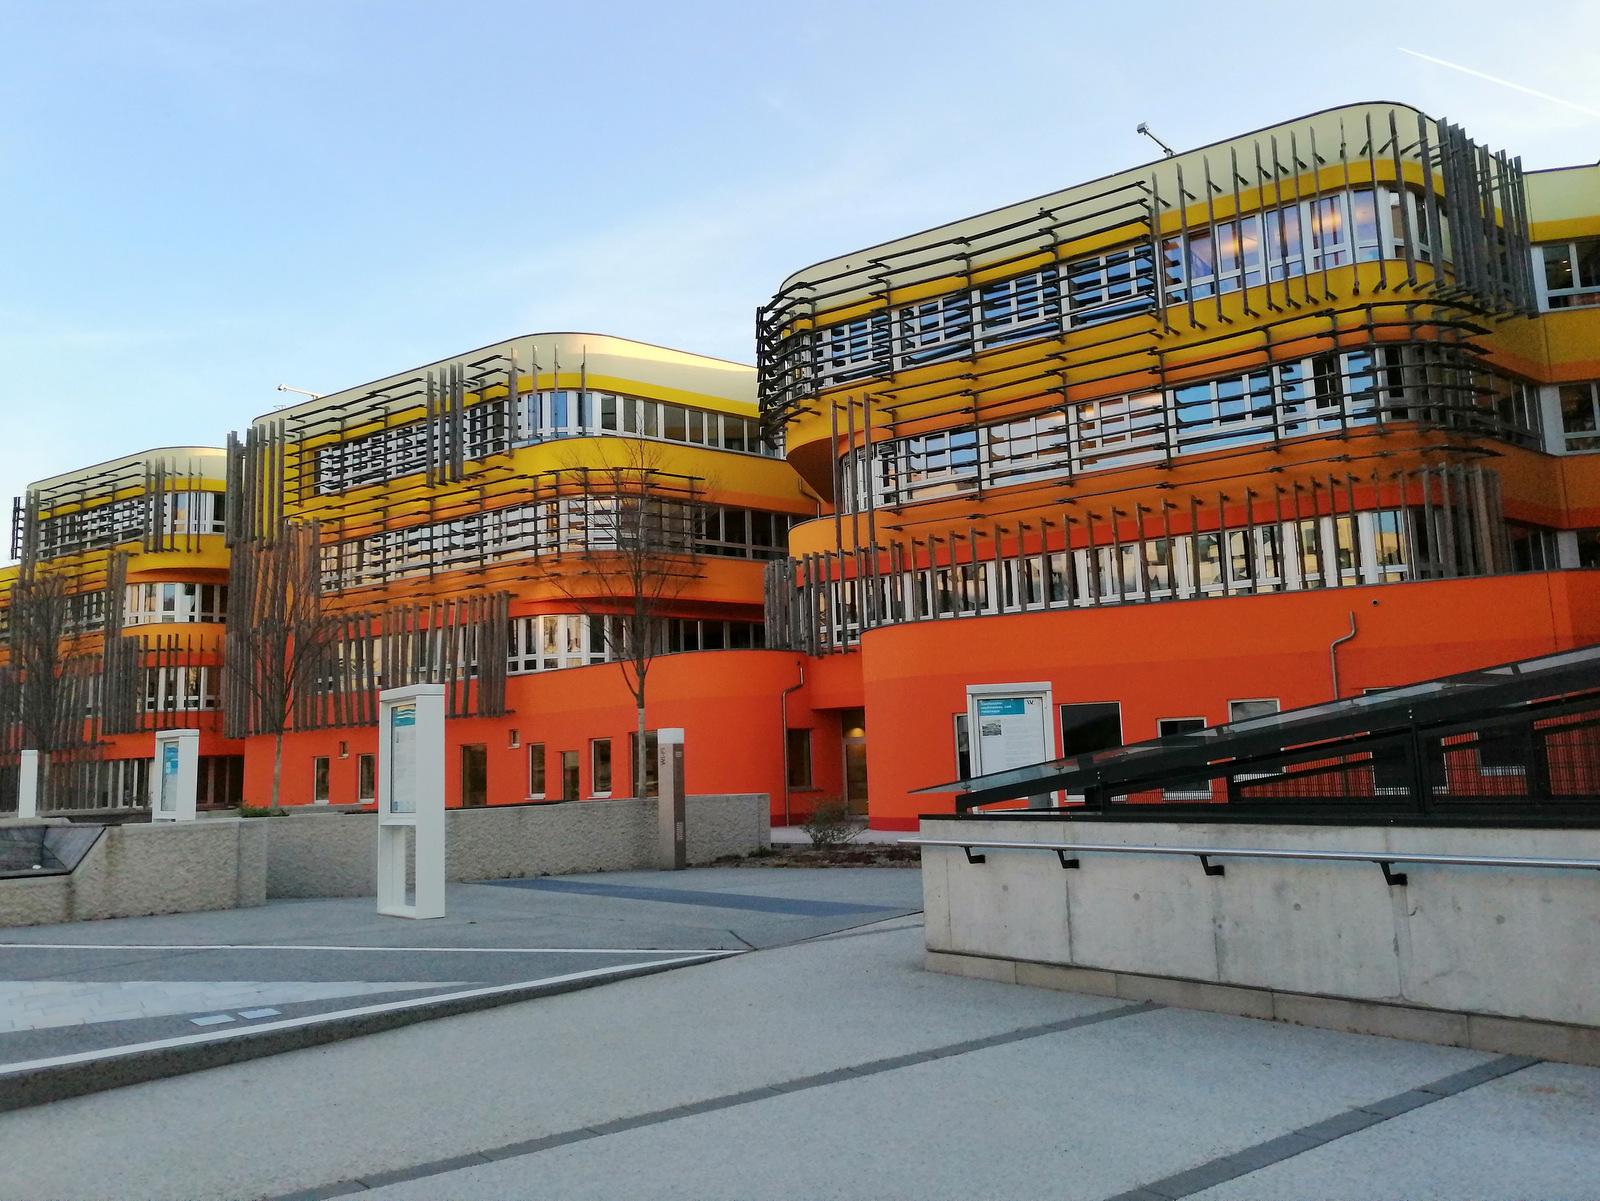 Kompleks Ekonomske fakultete in študentski domovi